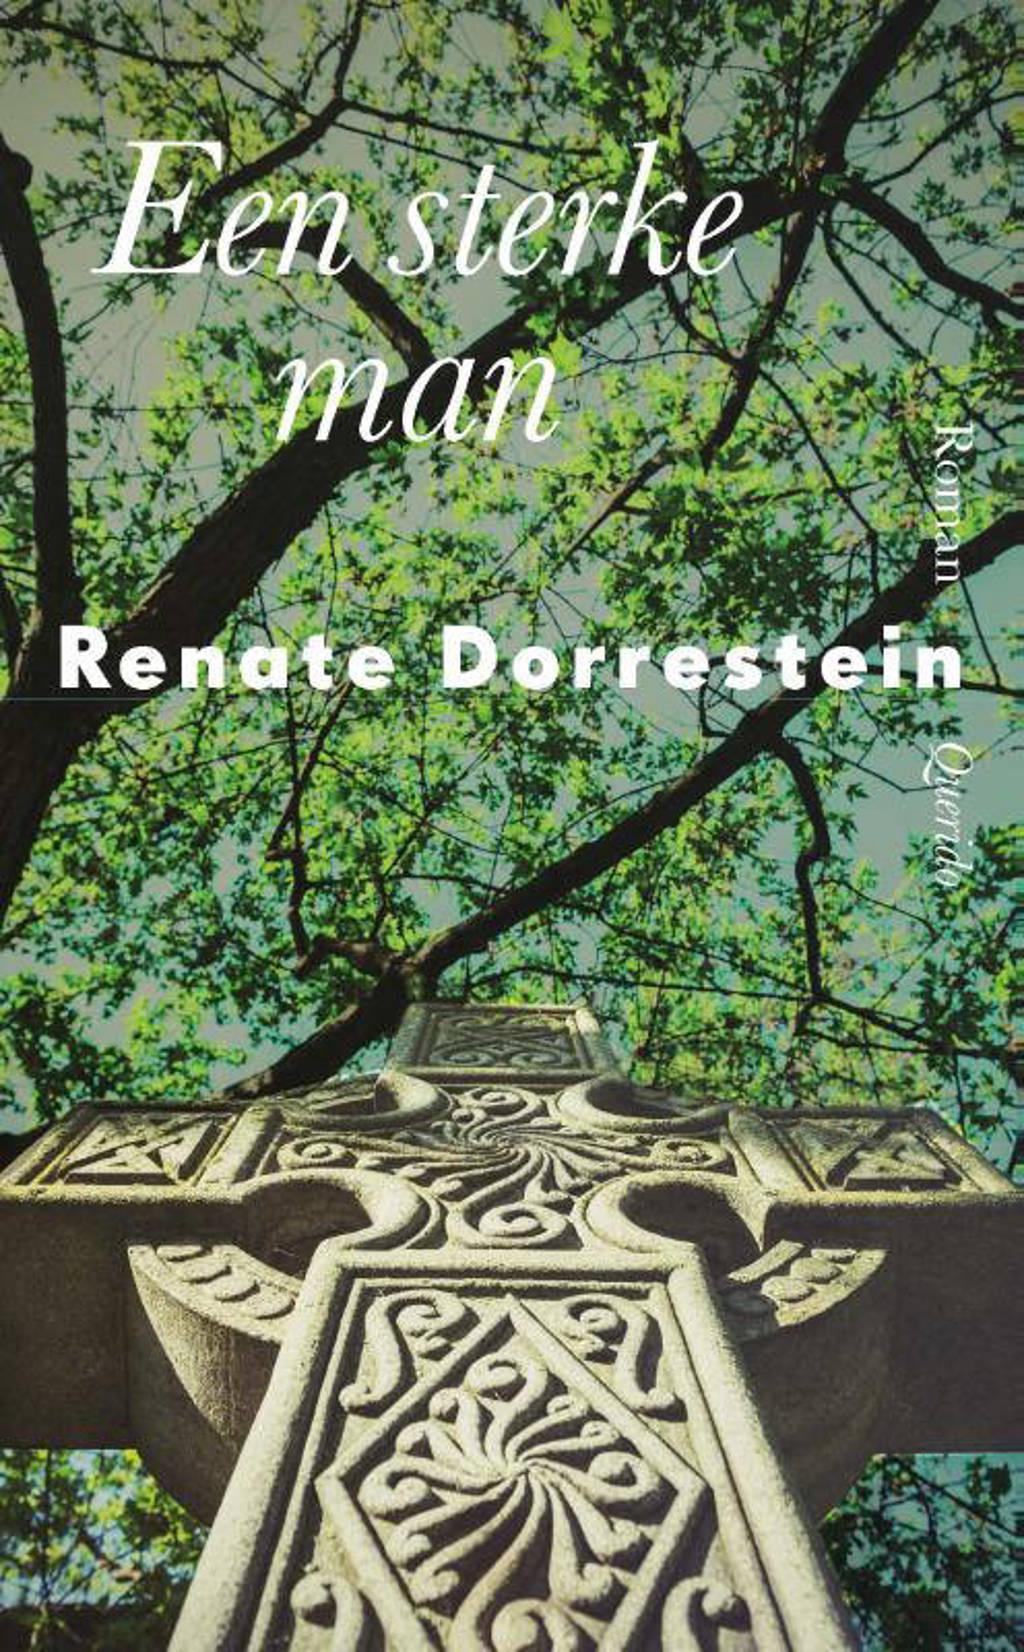 Een sterke man - Renate Dorrestein